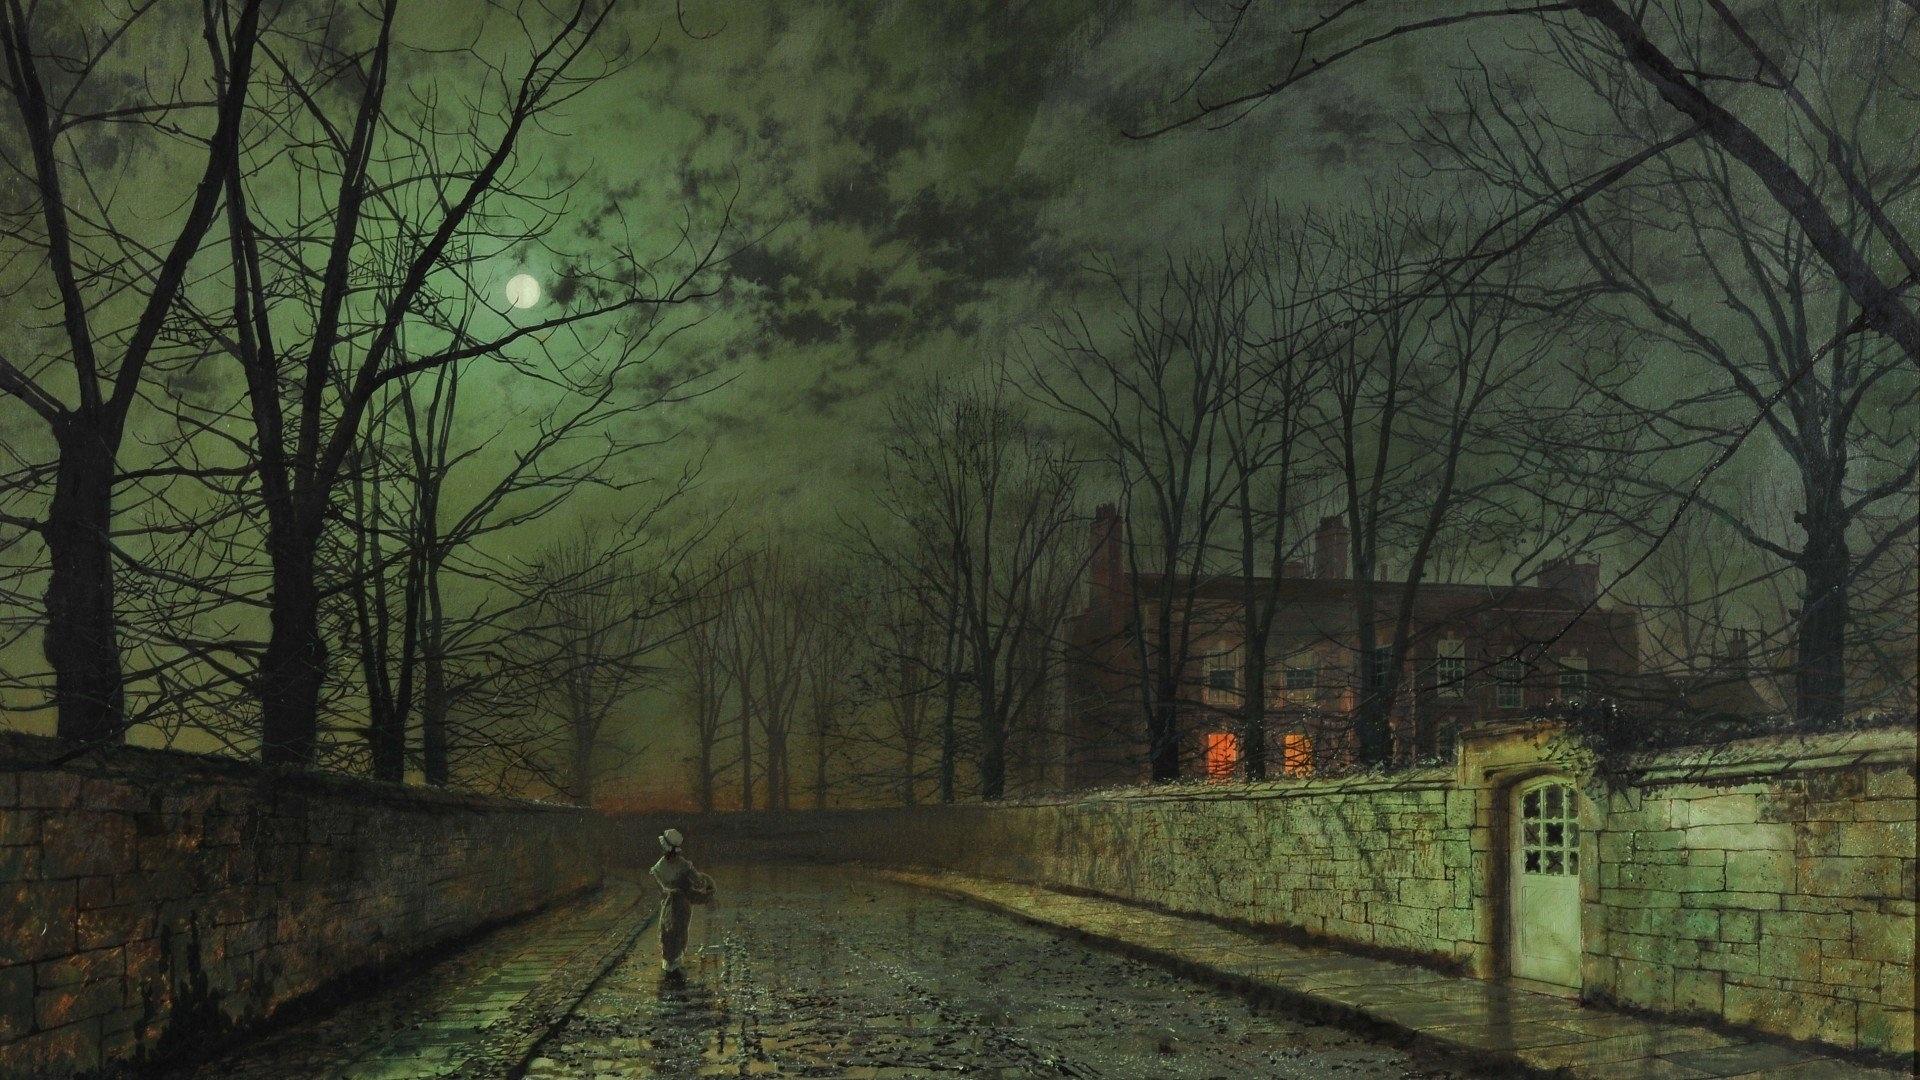 Dark Autumn Wallpaper and Background